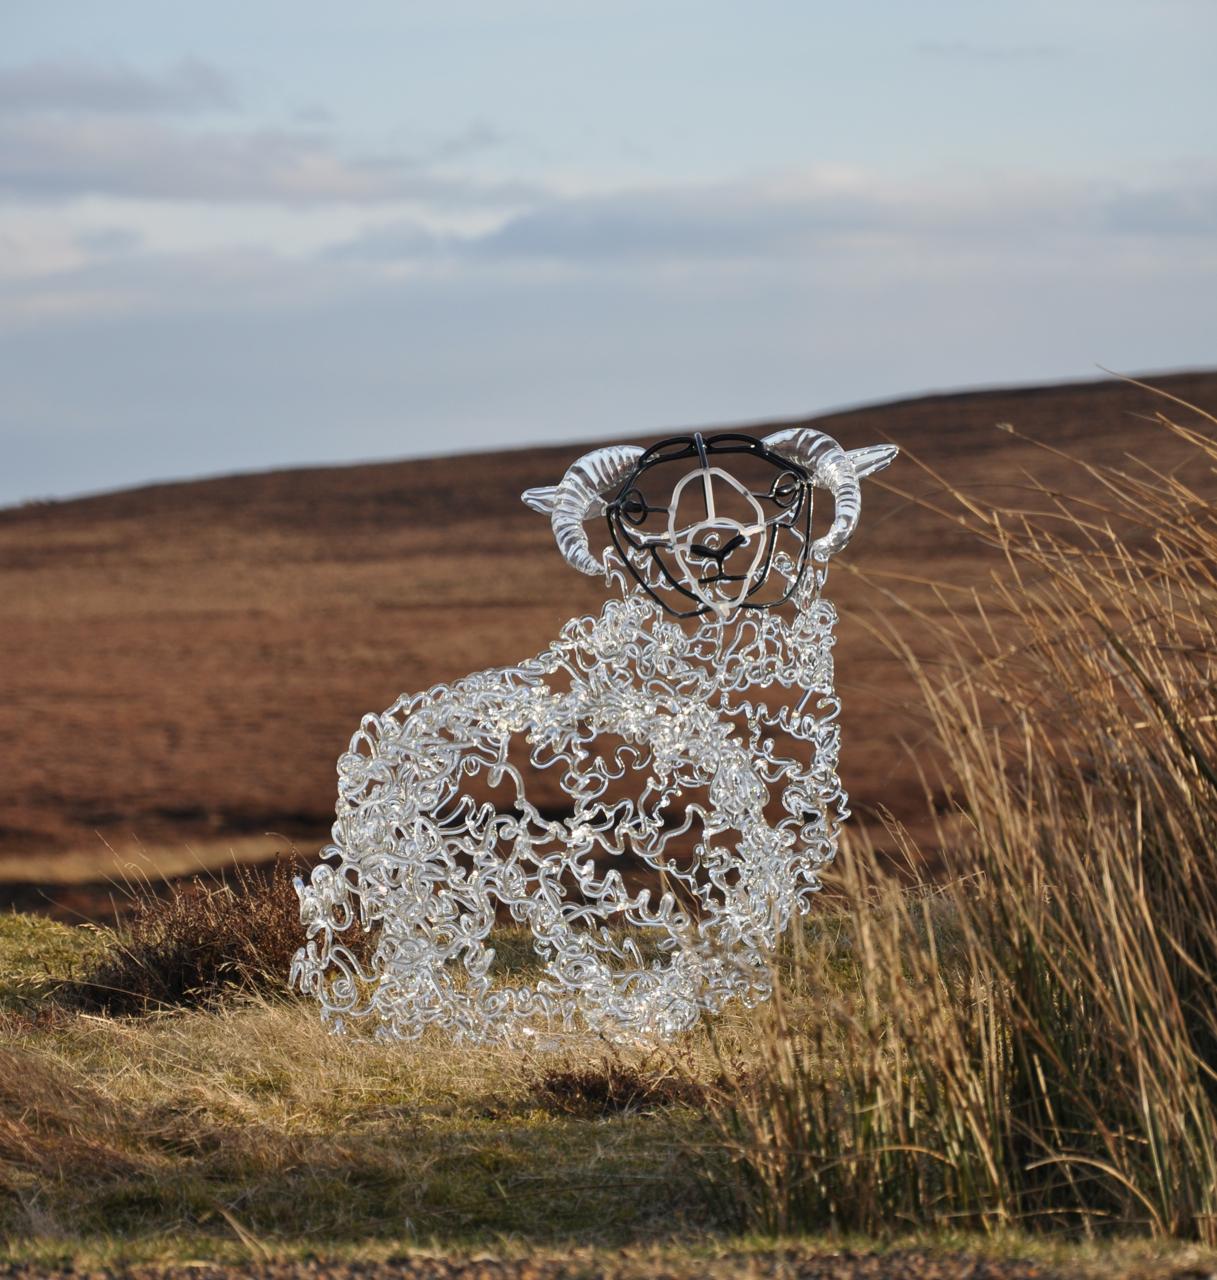 Perthshire Sheep